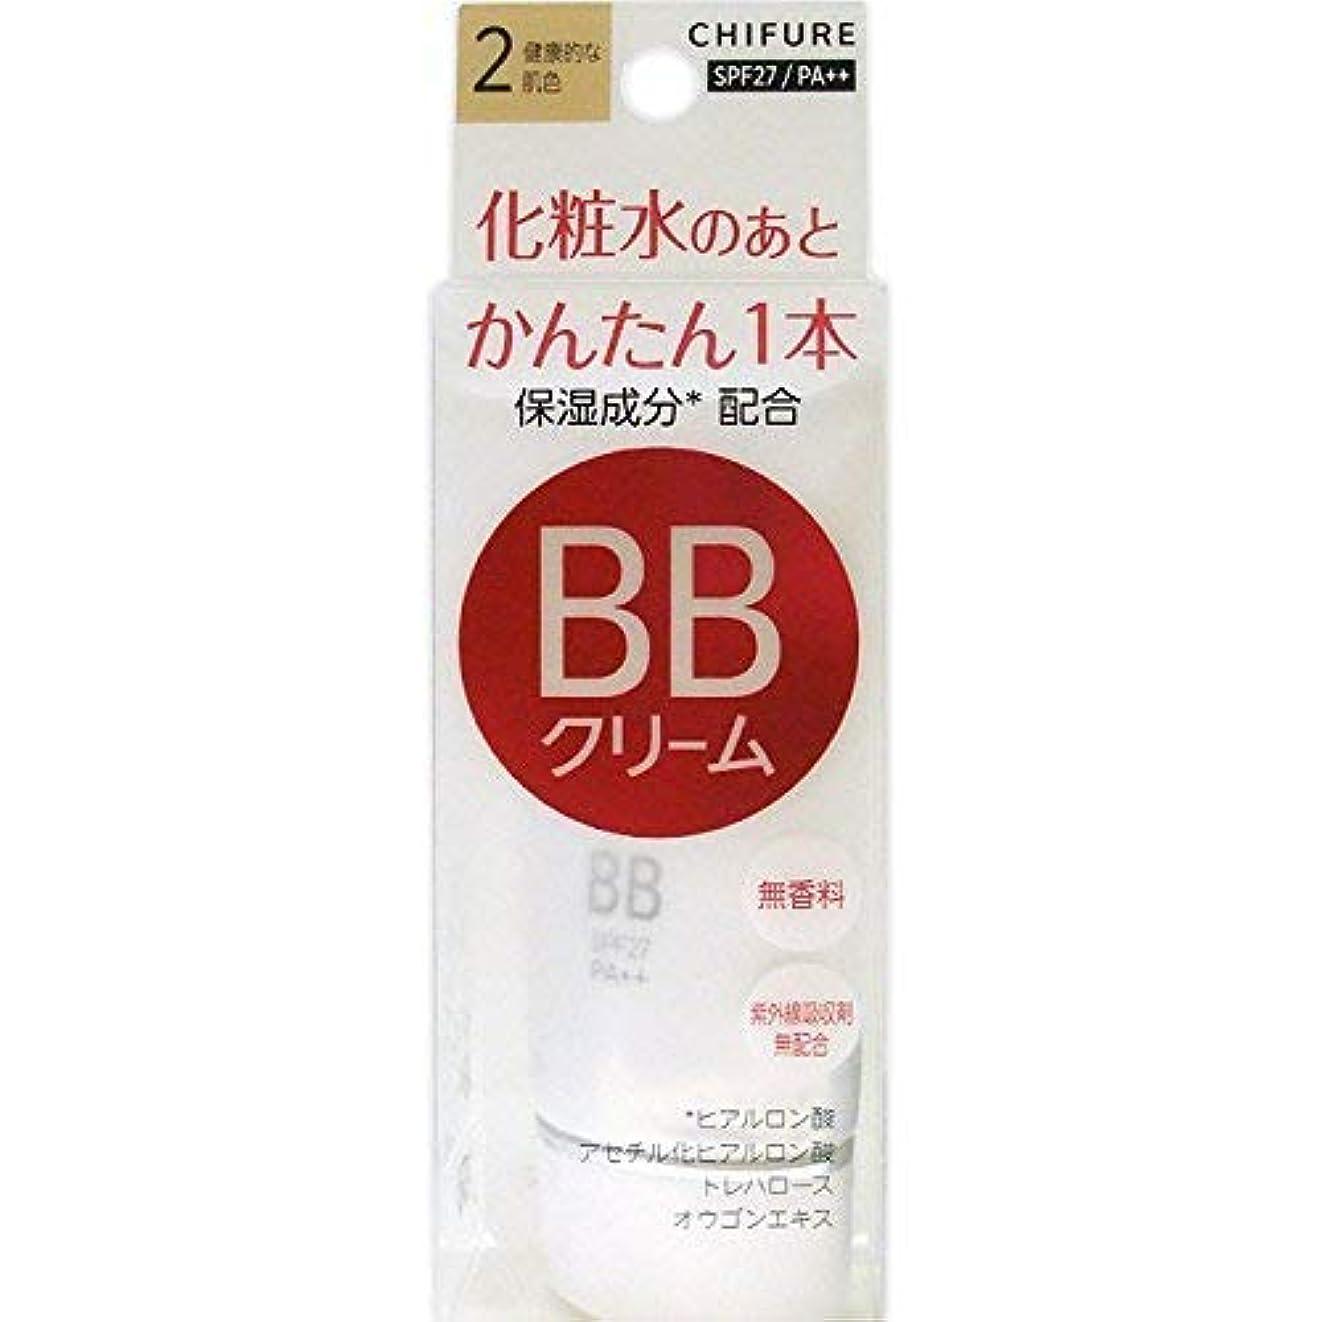 混合した窒息させる足首ちふれ化粧品 BB クリーム 2 健康的な肌色 BBクリーム 2